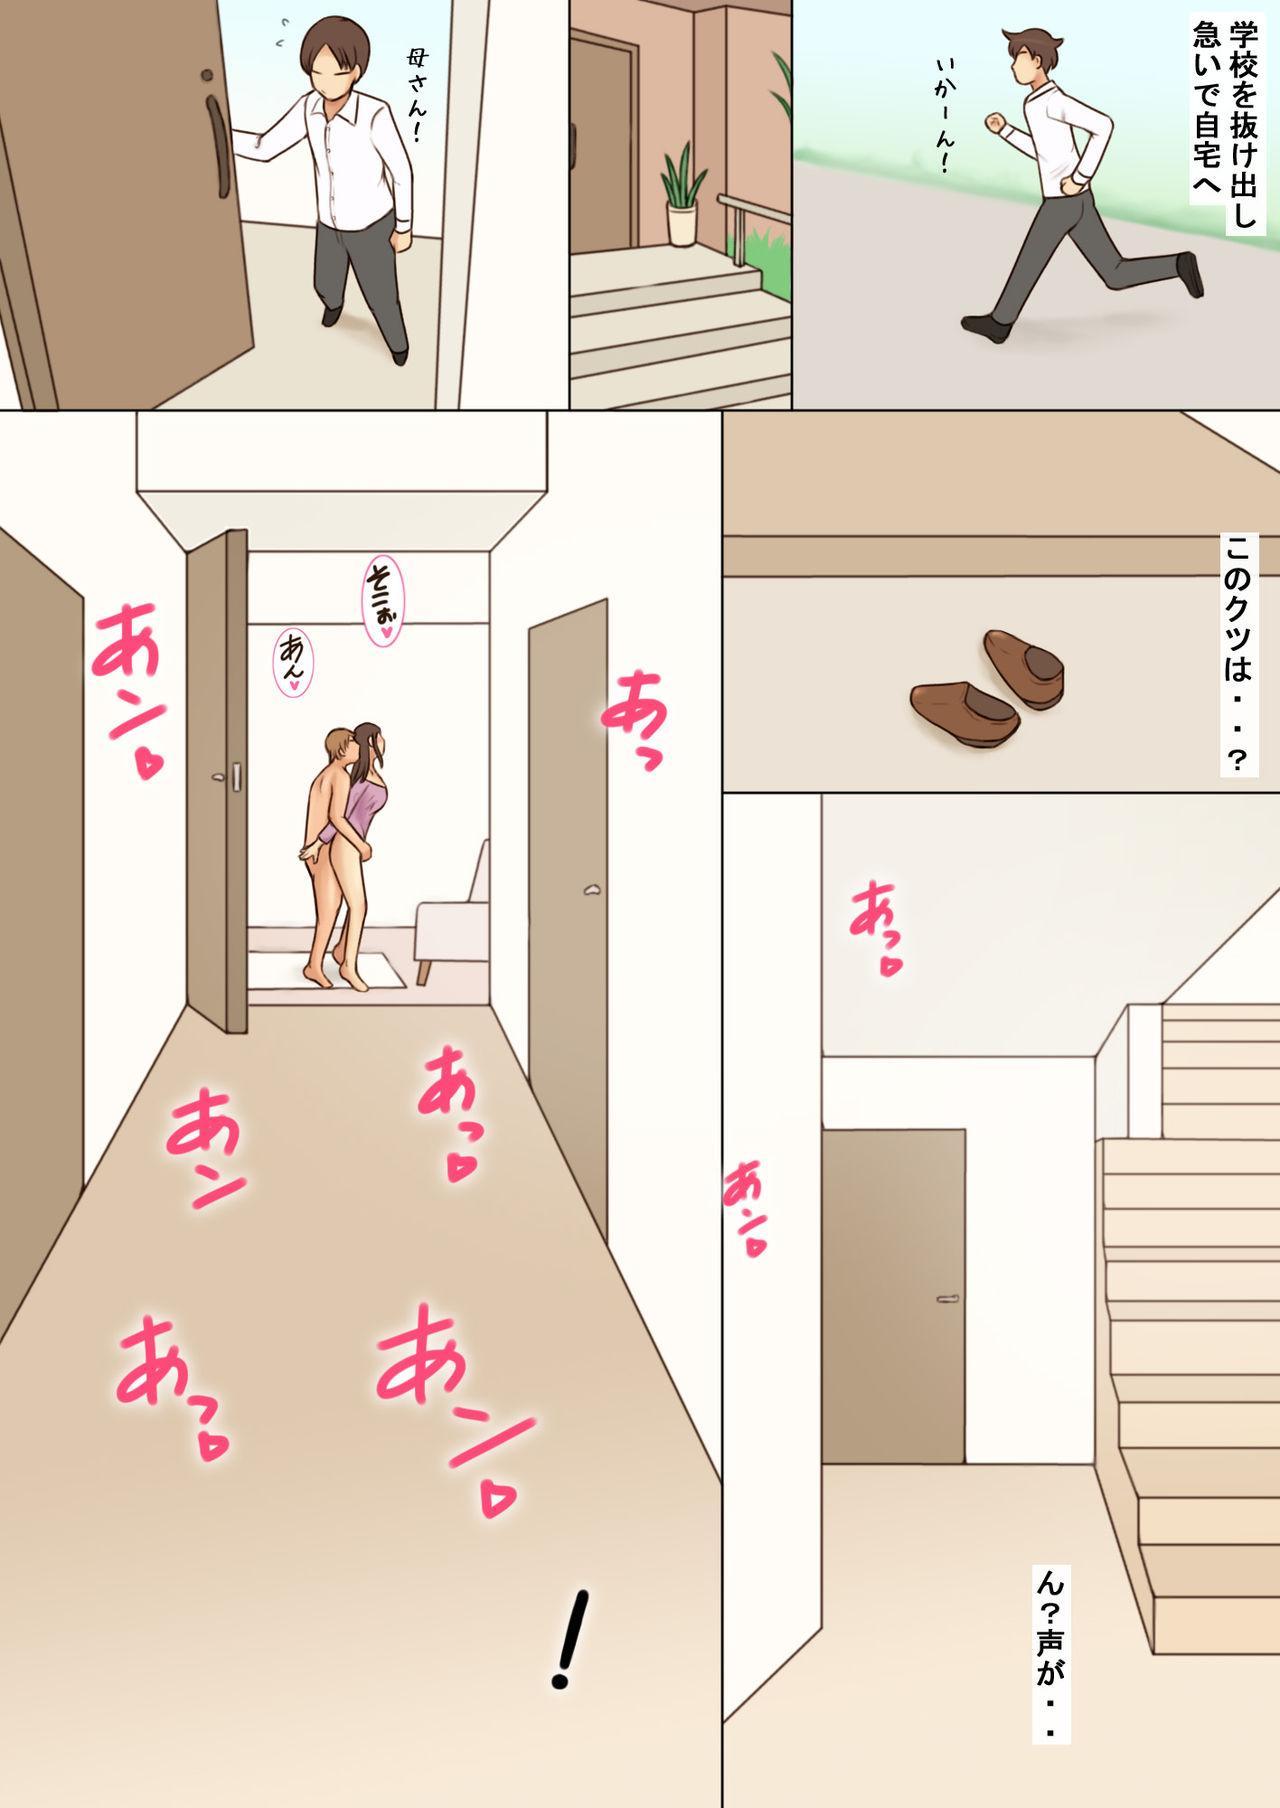 Seiso Tsuma Kyouko no Midasareta Nichijou 22